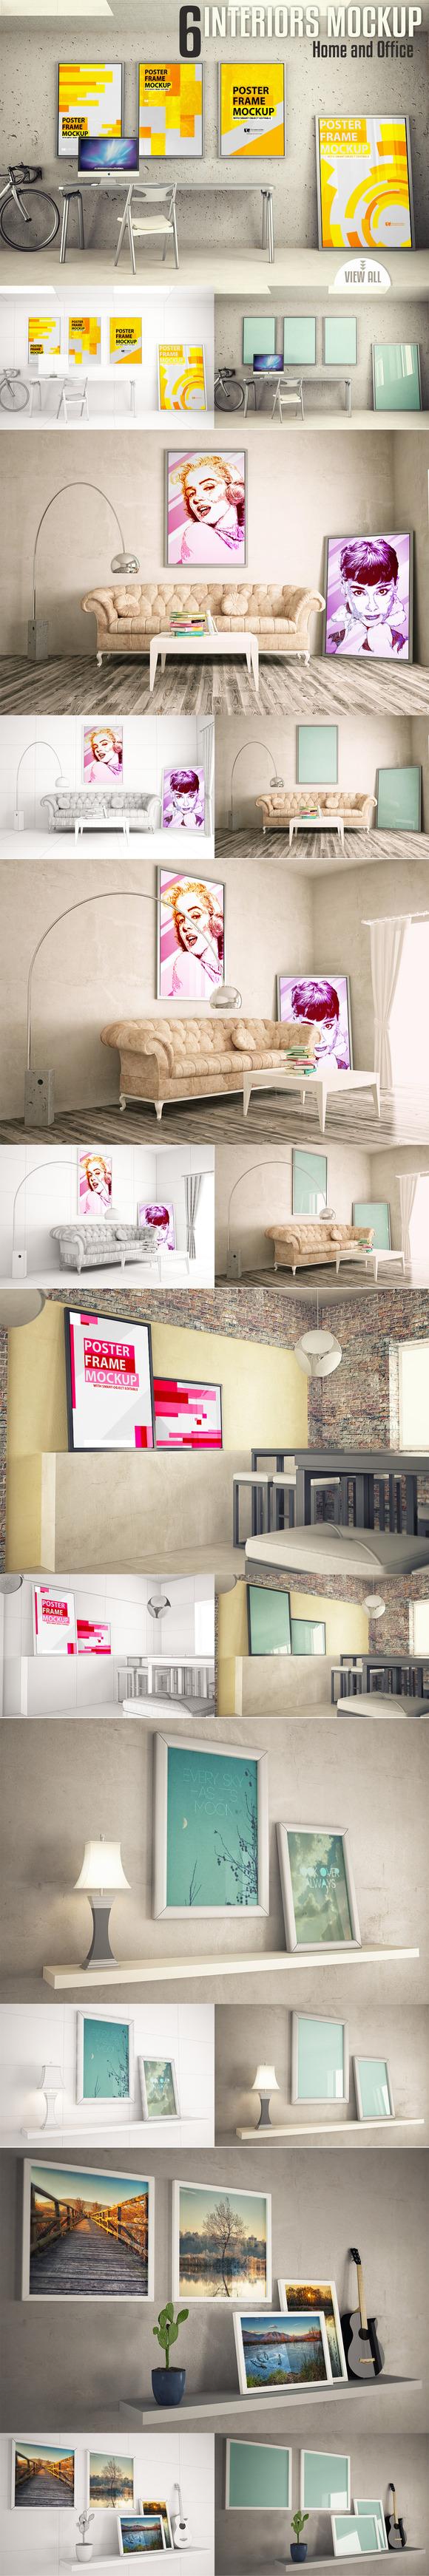 Interiors mock-up Vol. 2 - Product Mockups